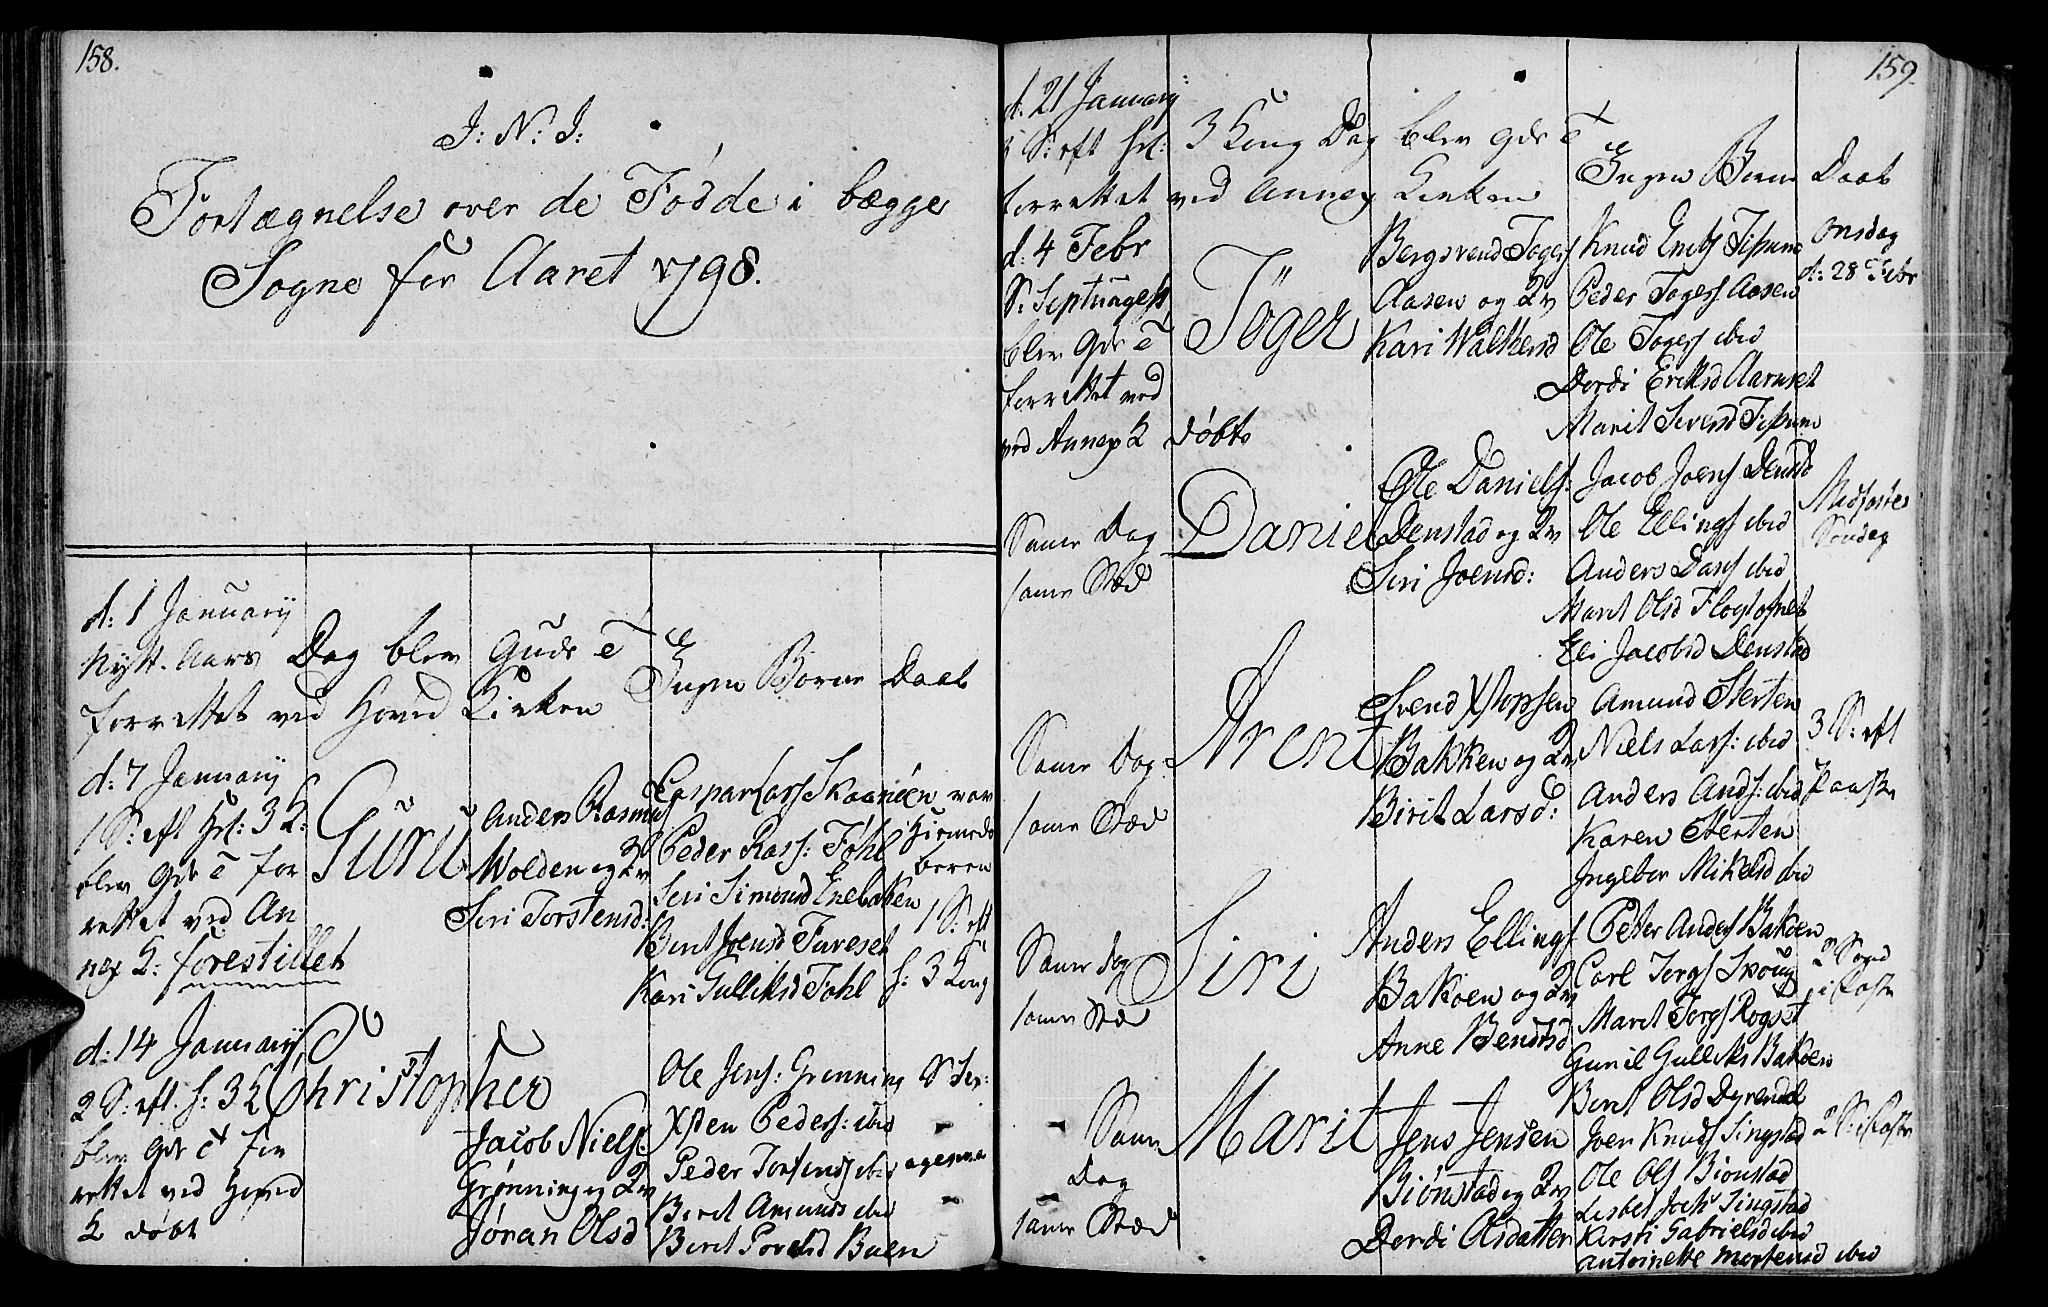 SAT, Ministerialprotokoller, klokkerbøker og fødselsregistre - Sør-Trøndelag, 646/L0606: Ministerialbok nr. 646A04, 1791-1805, s. 158-159